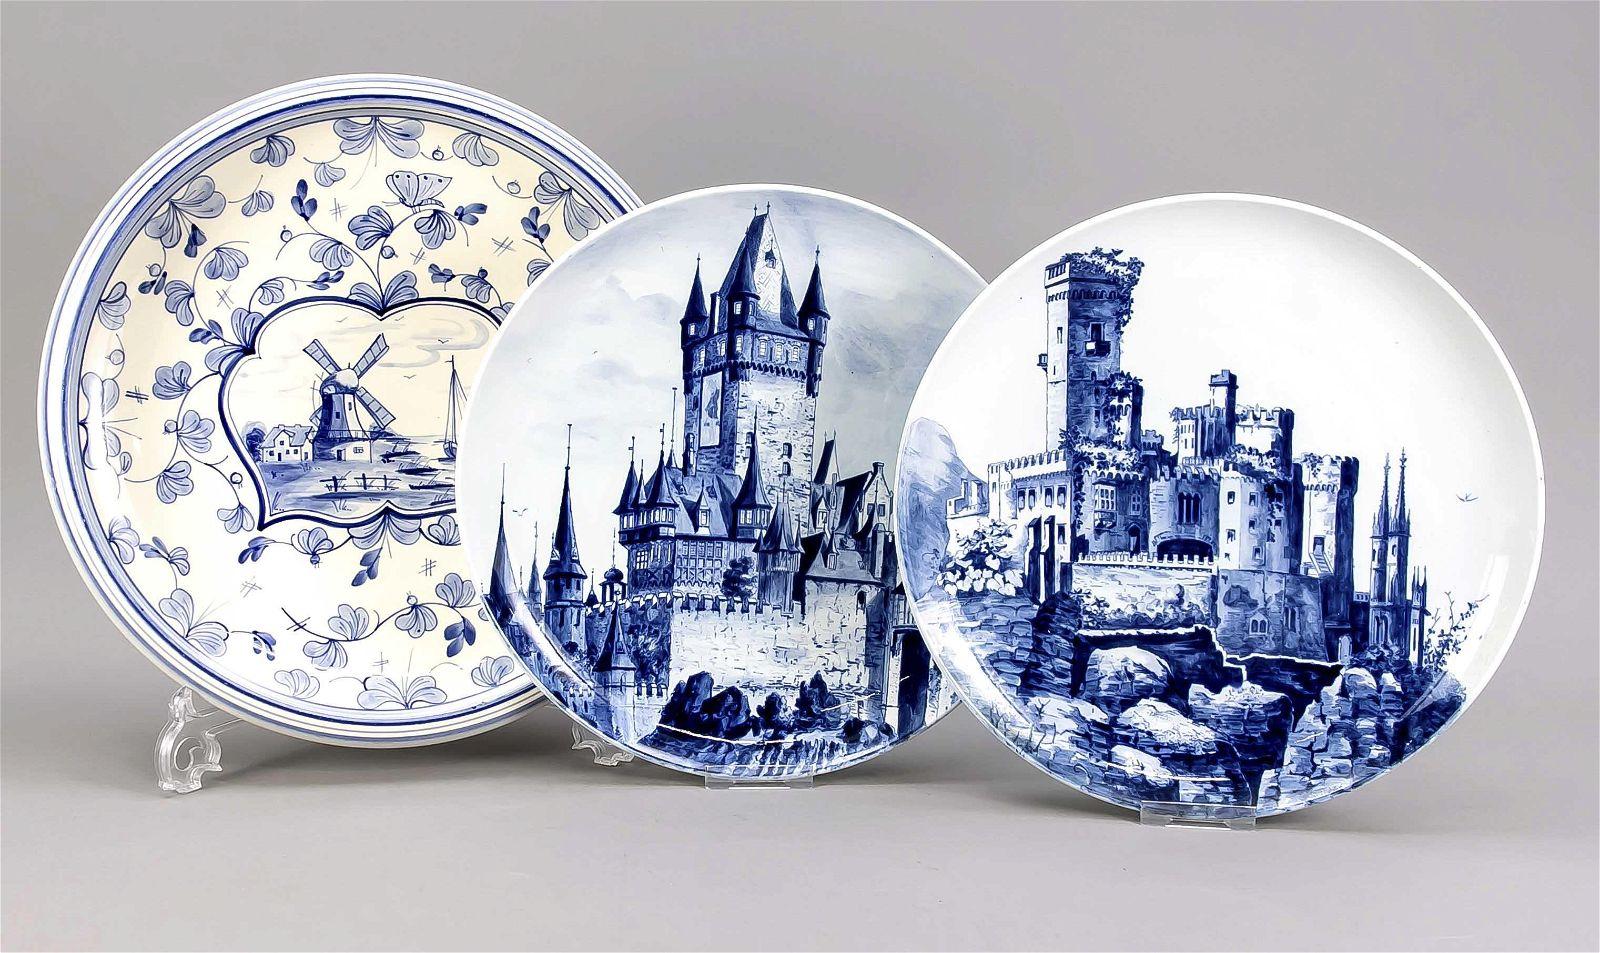 Three plates, Villeroy & Boch, Mettl